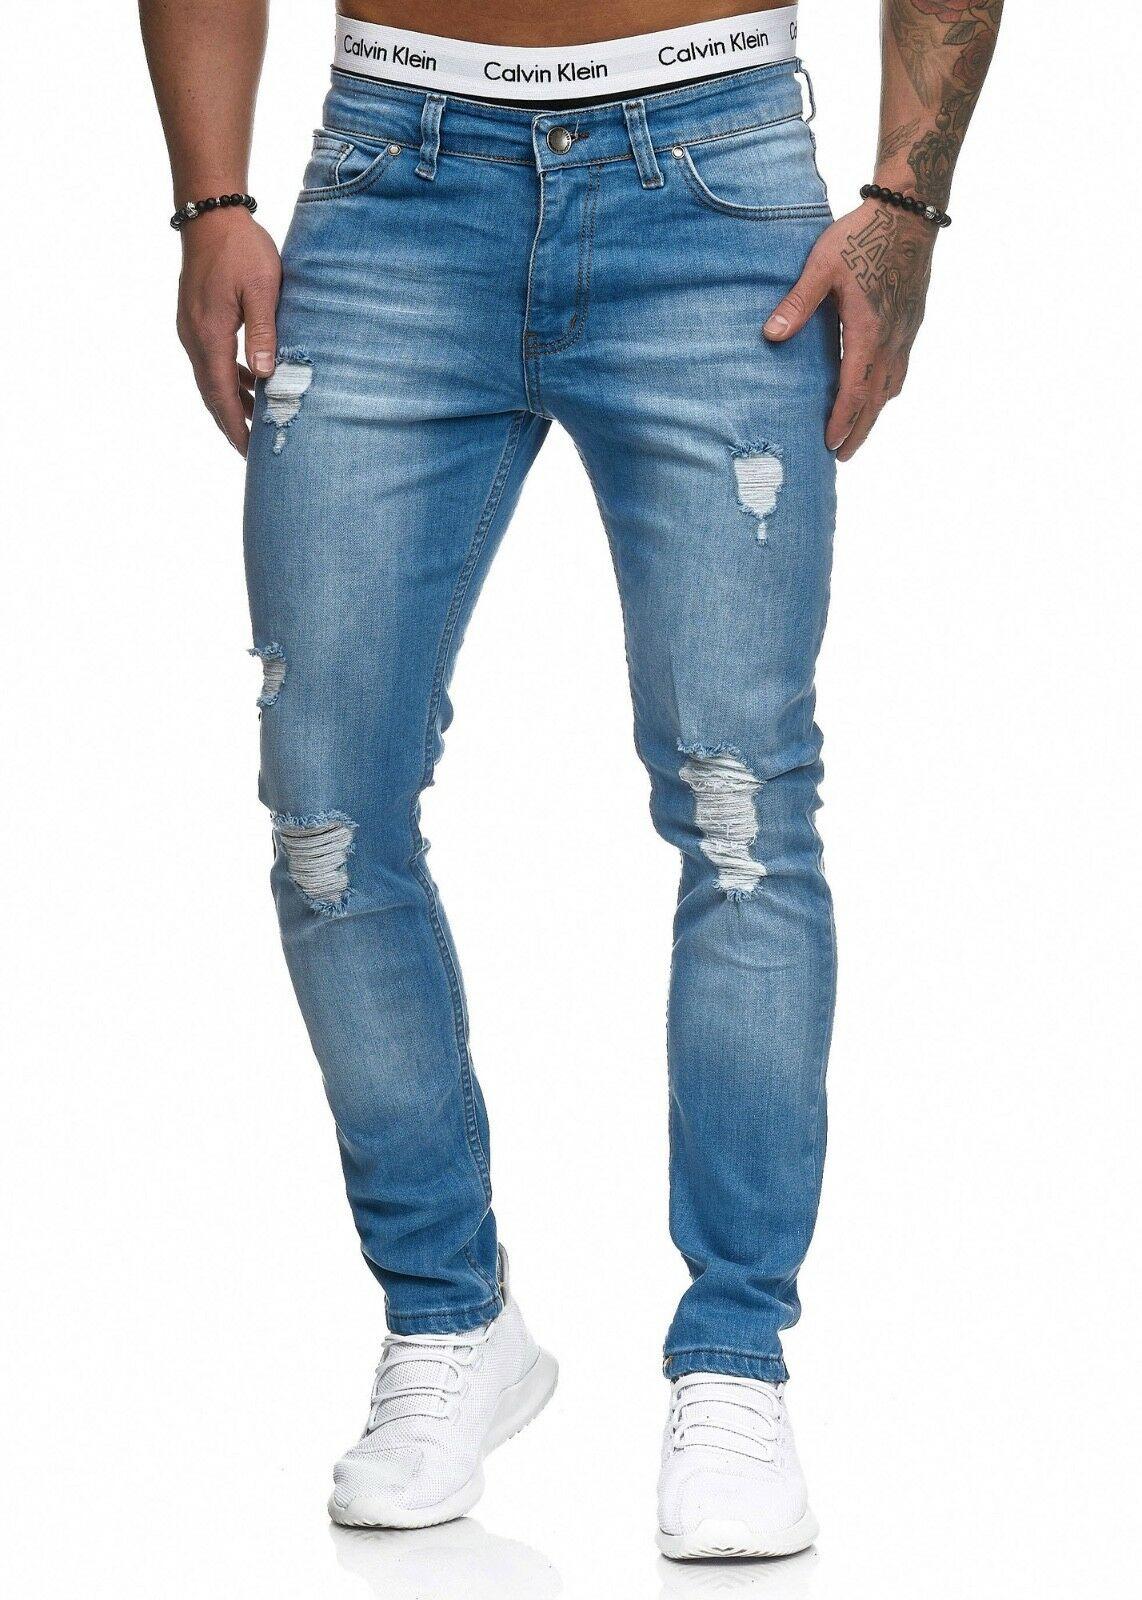 Herren-Jeanshosen-Stretch-Hose-Slim-fit-SKINNY-Jeans-Blau-Schwarz-Grau-Weiss Indexbild 23